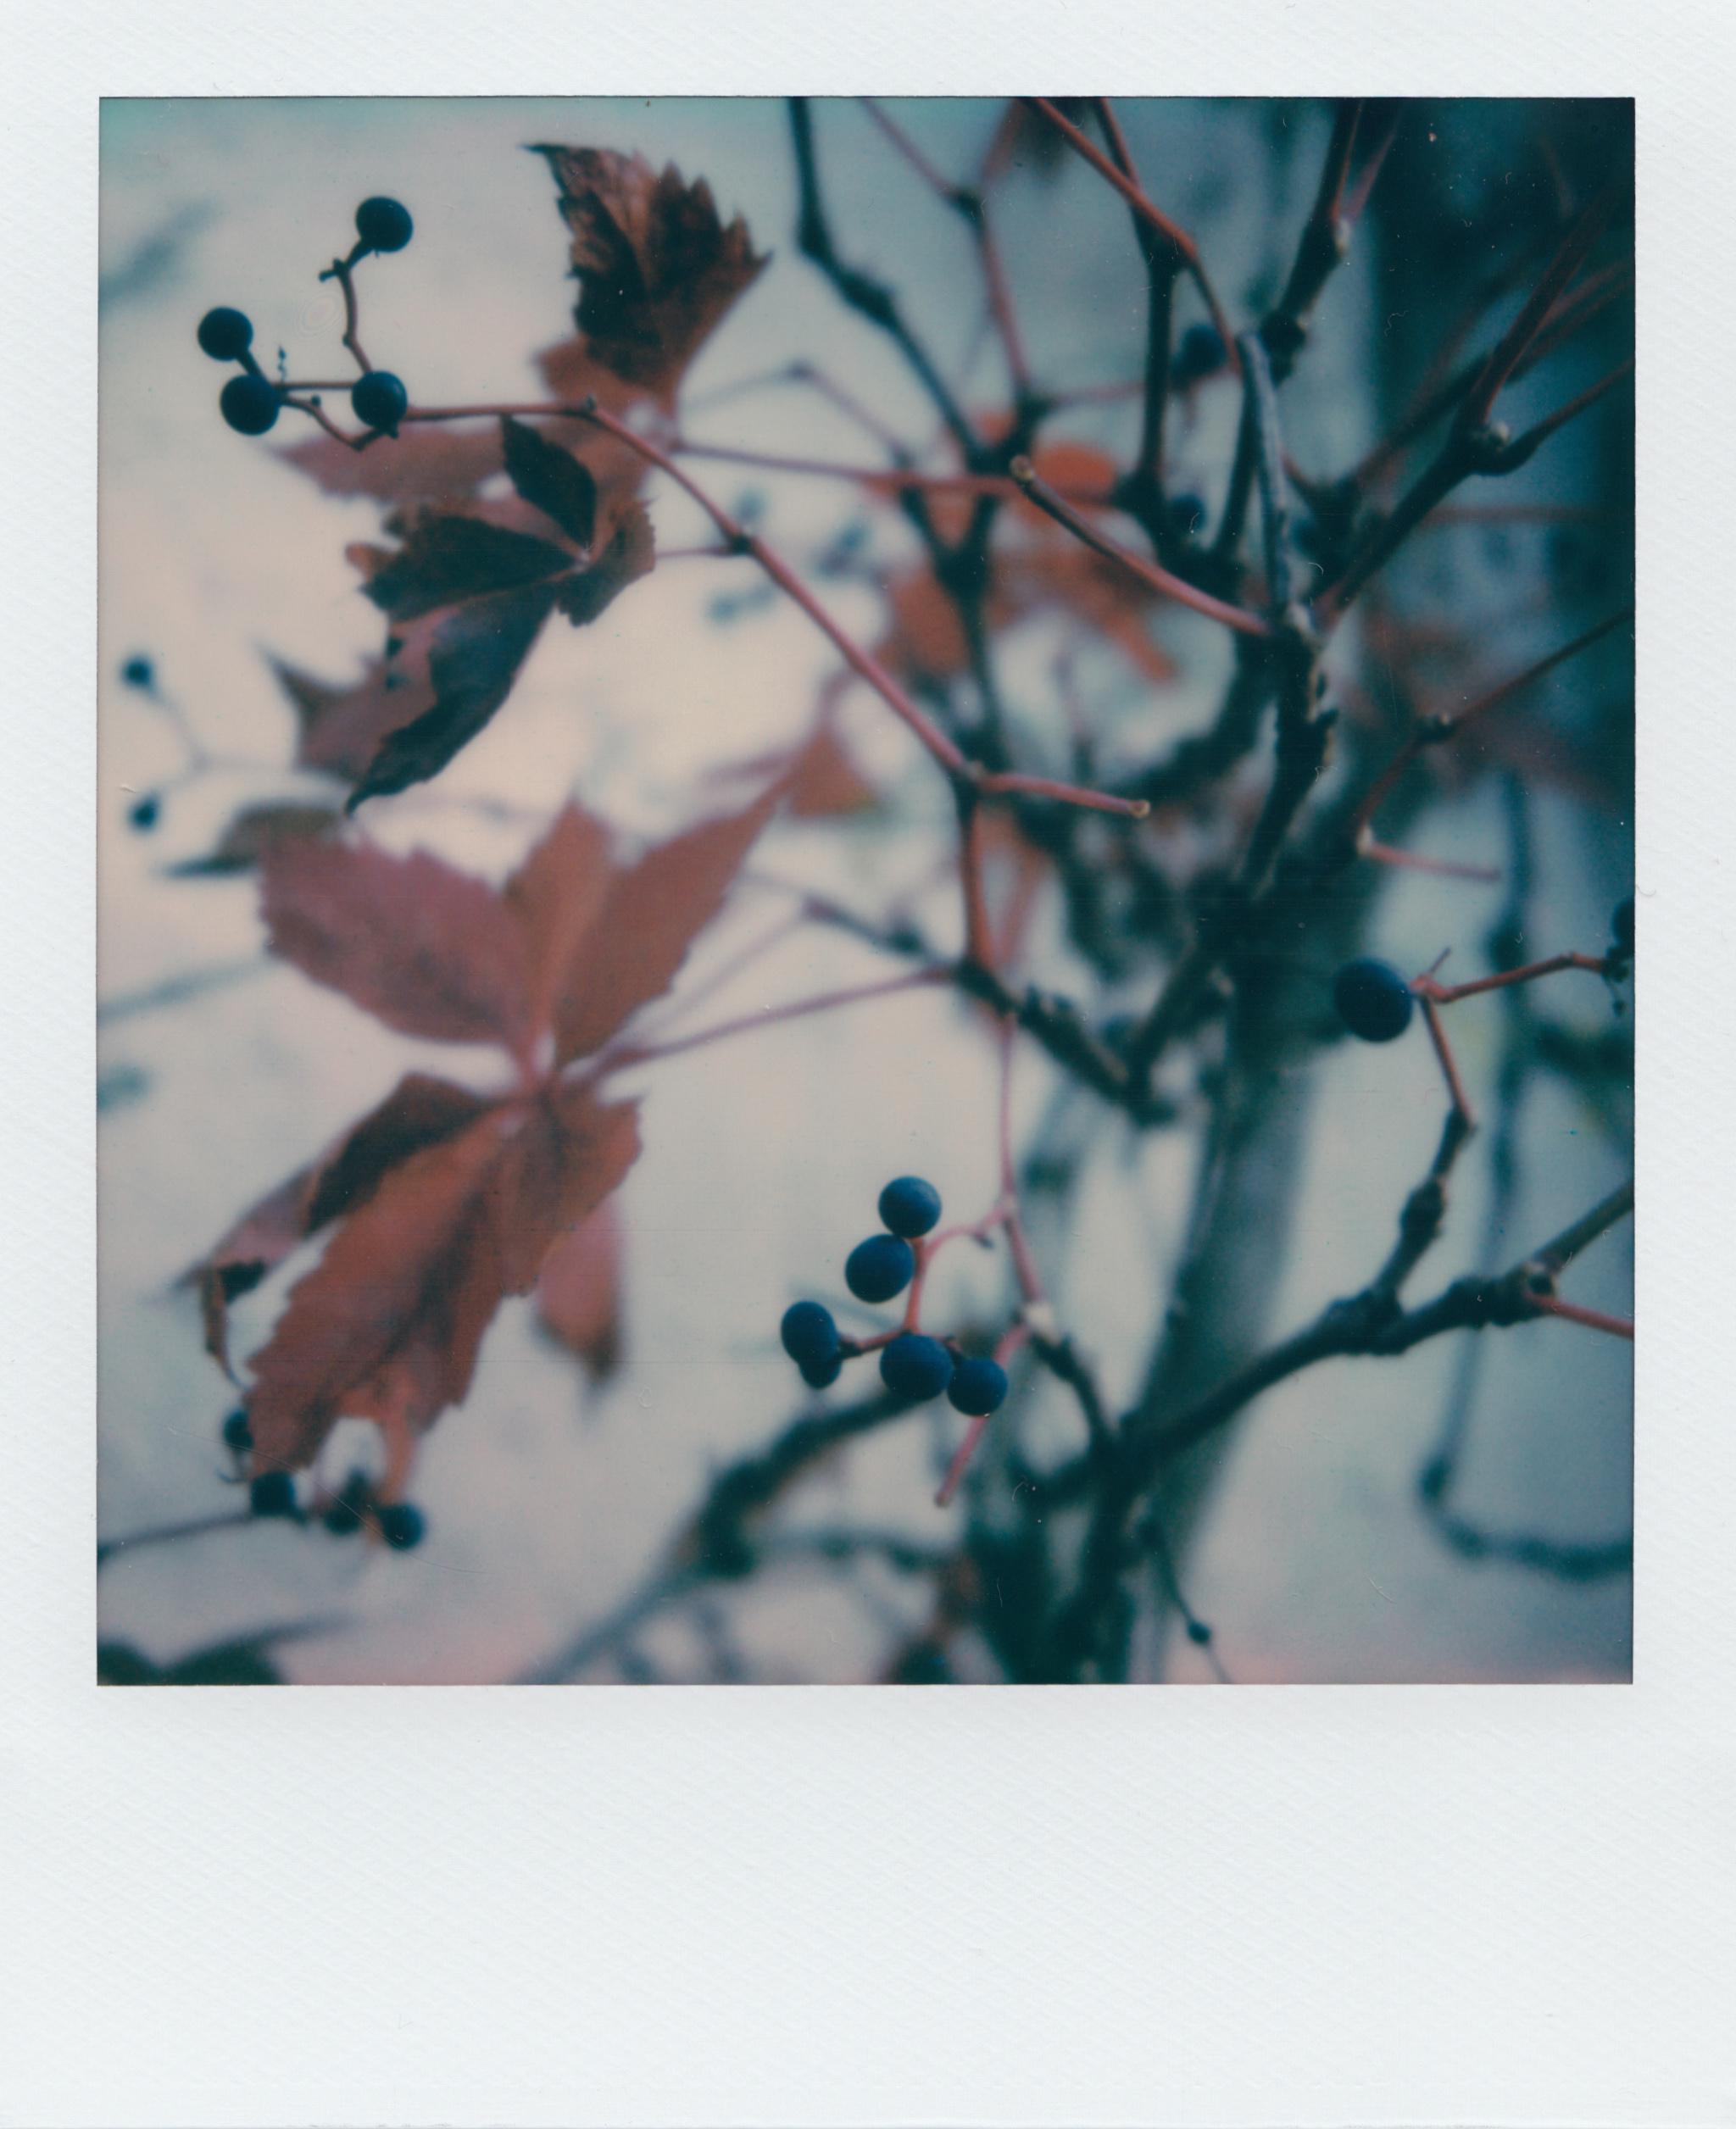 Falling for Fall | Polaroid SX70 | Impossible Colour | Ioana Tăut